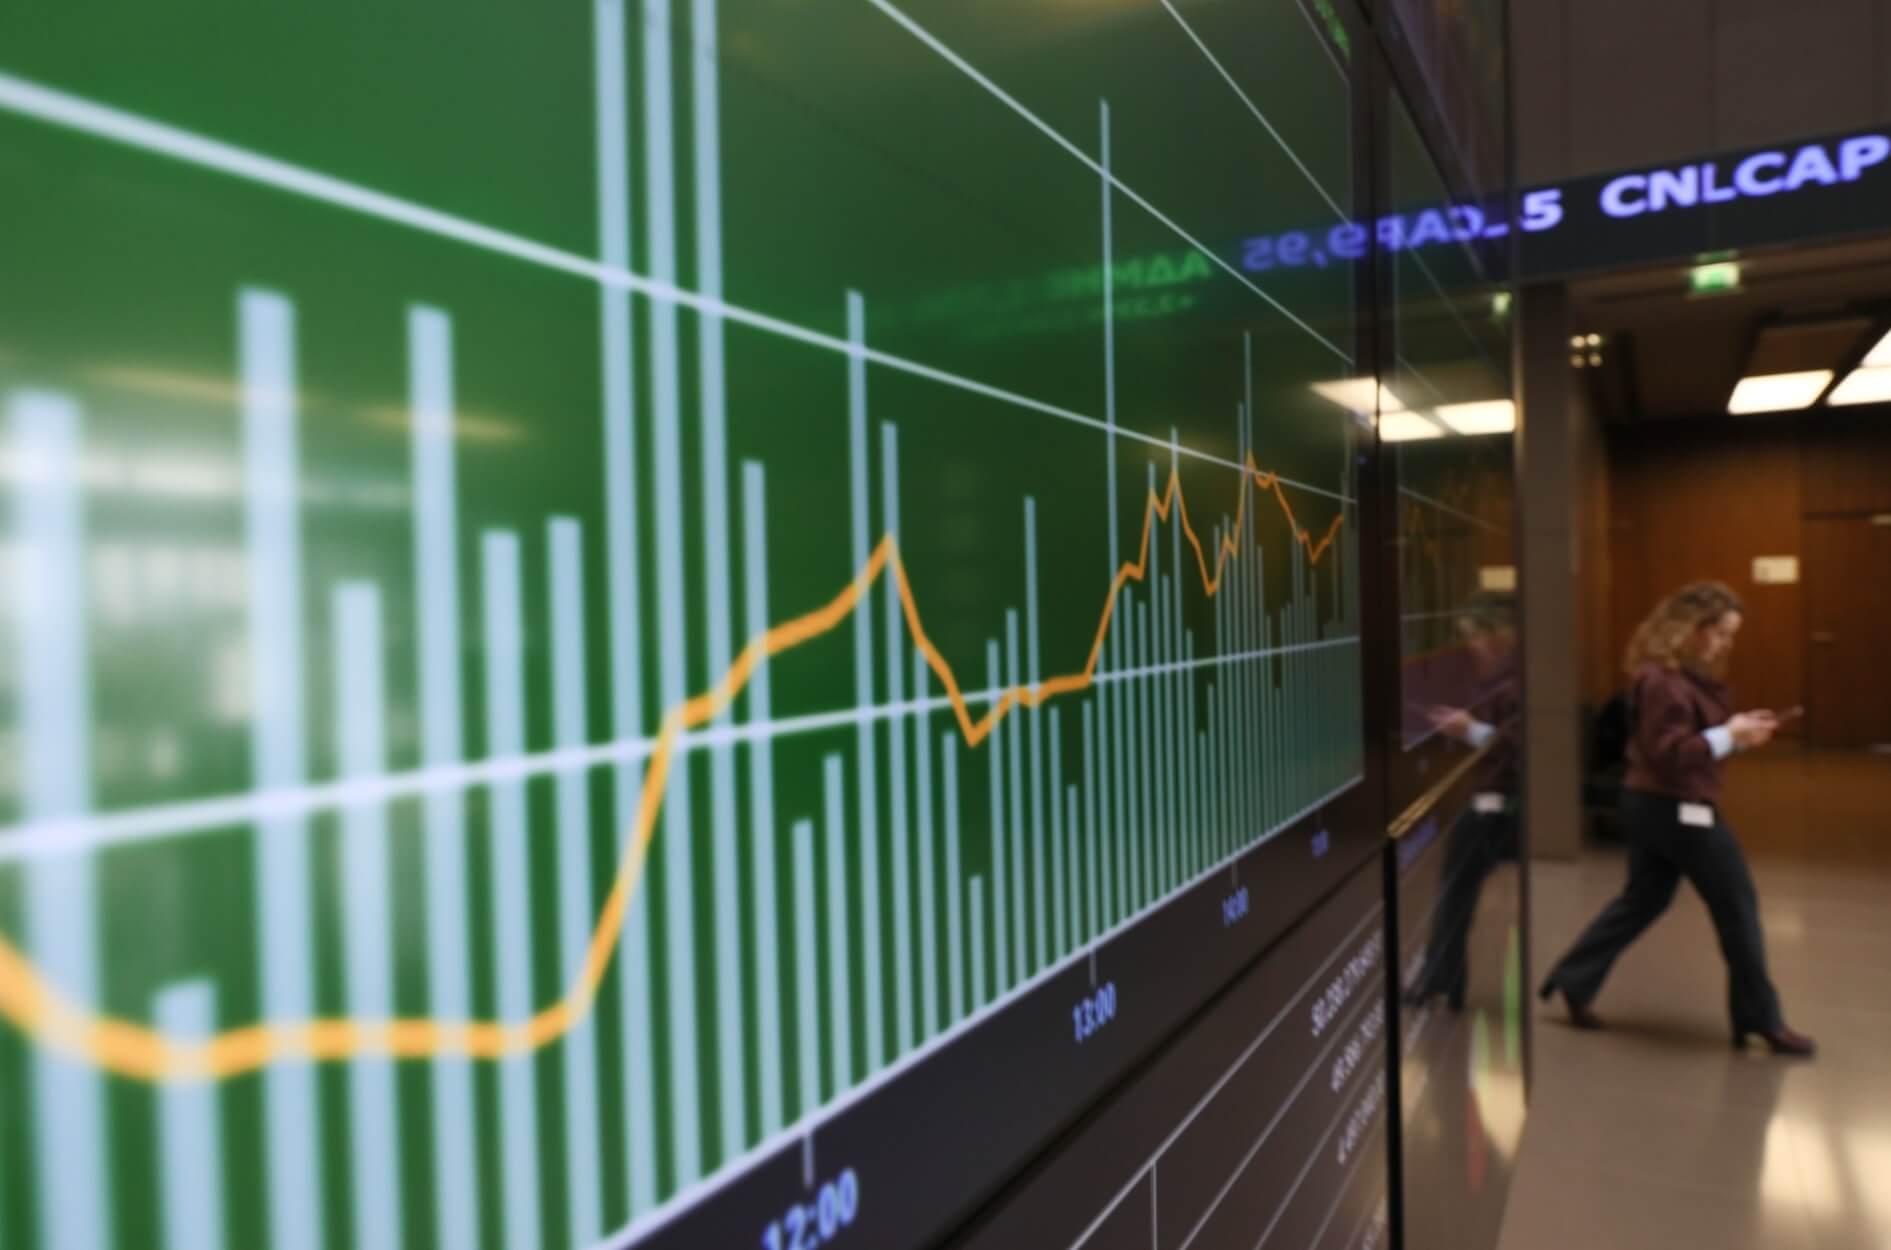 Τράπεζα Ελλάδος: Αυξήθηκαν κατά 519 εκατ. ευρώ οι καταθέσεις τον Μάρτιο